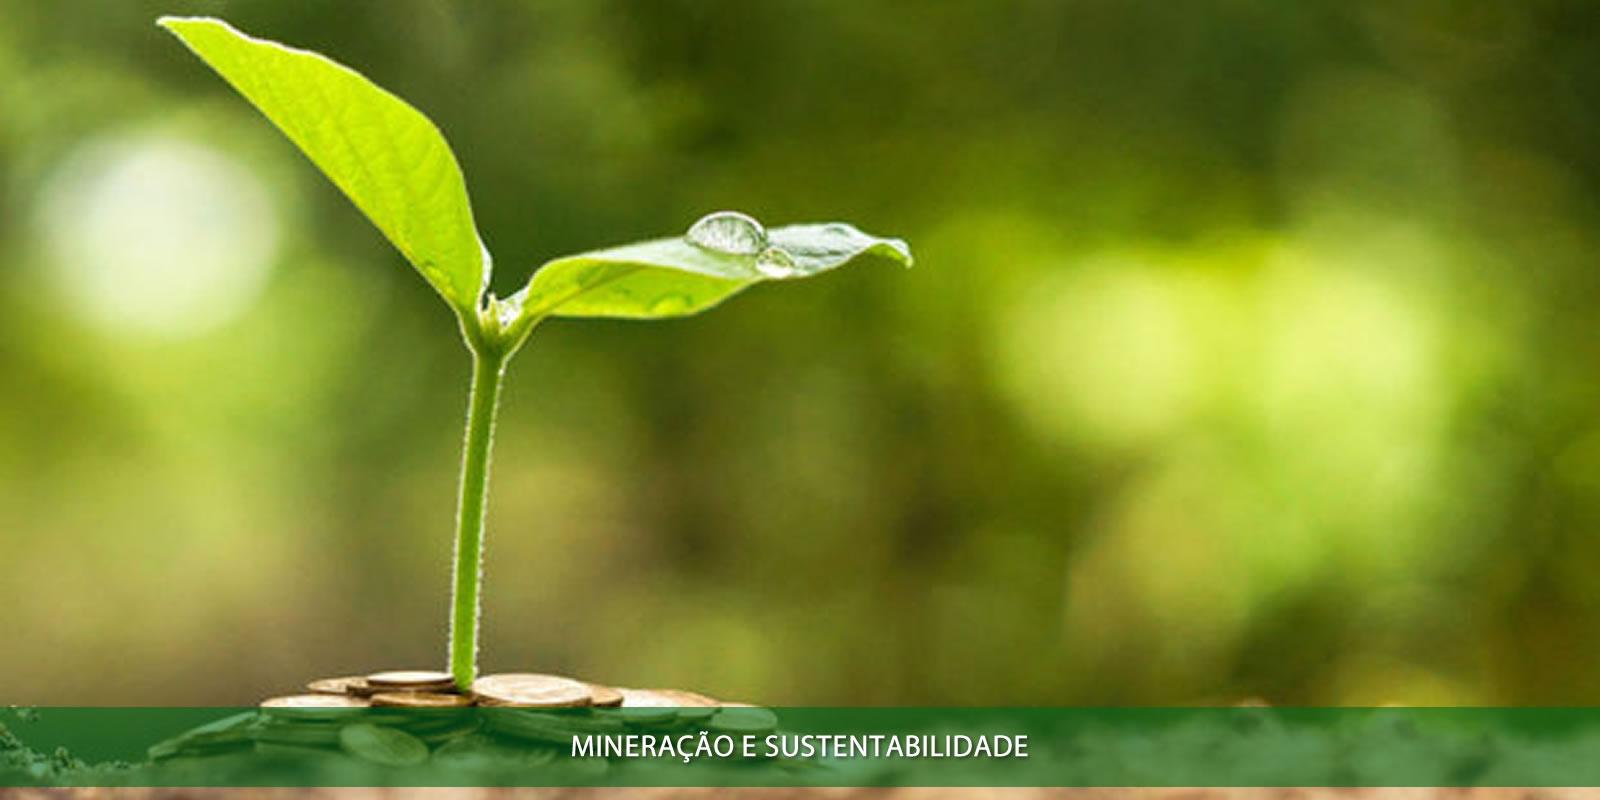 Mineração e sustentabilidade